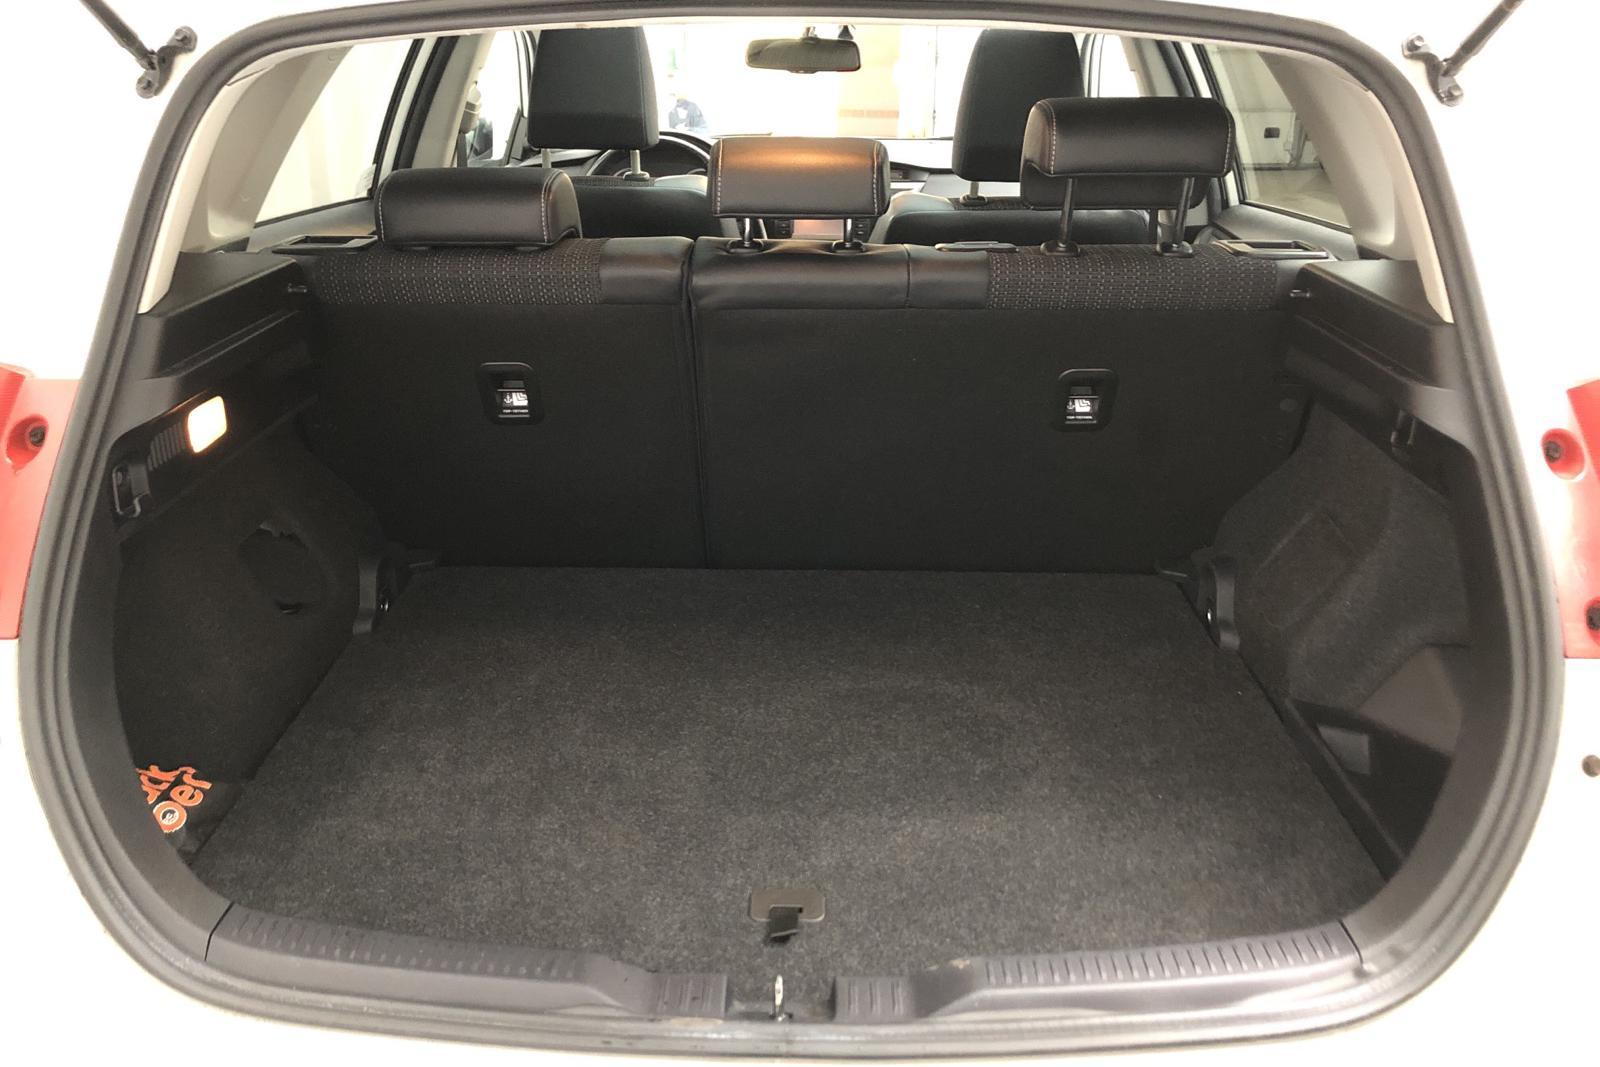 Toyota Auris 1.8 HSD 5dr (99hk) - 11 422 mil - Automat - vit - 2013